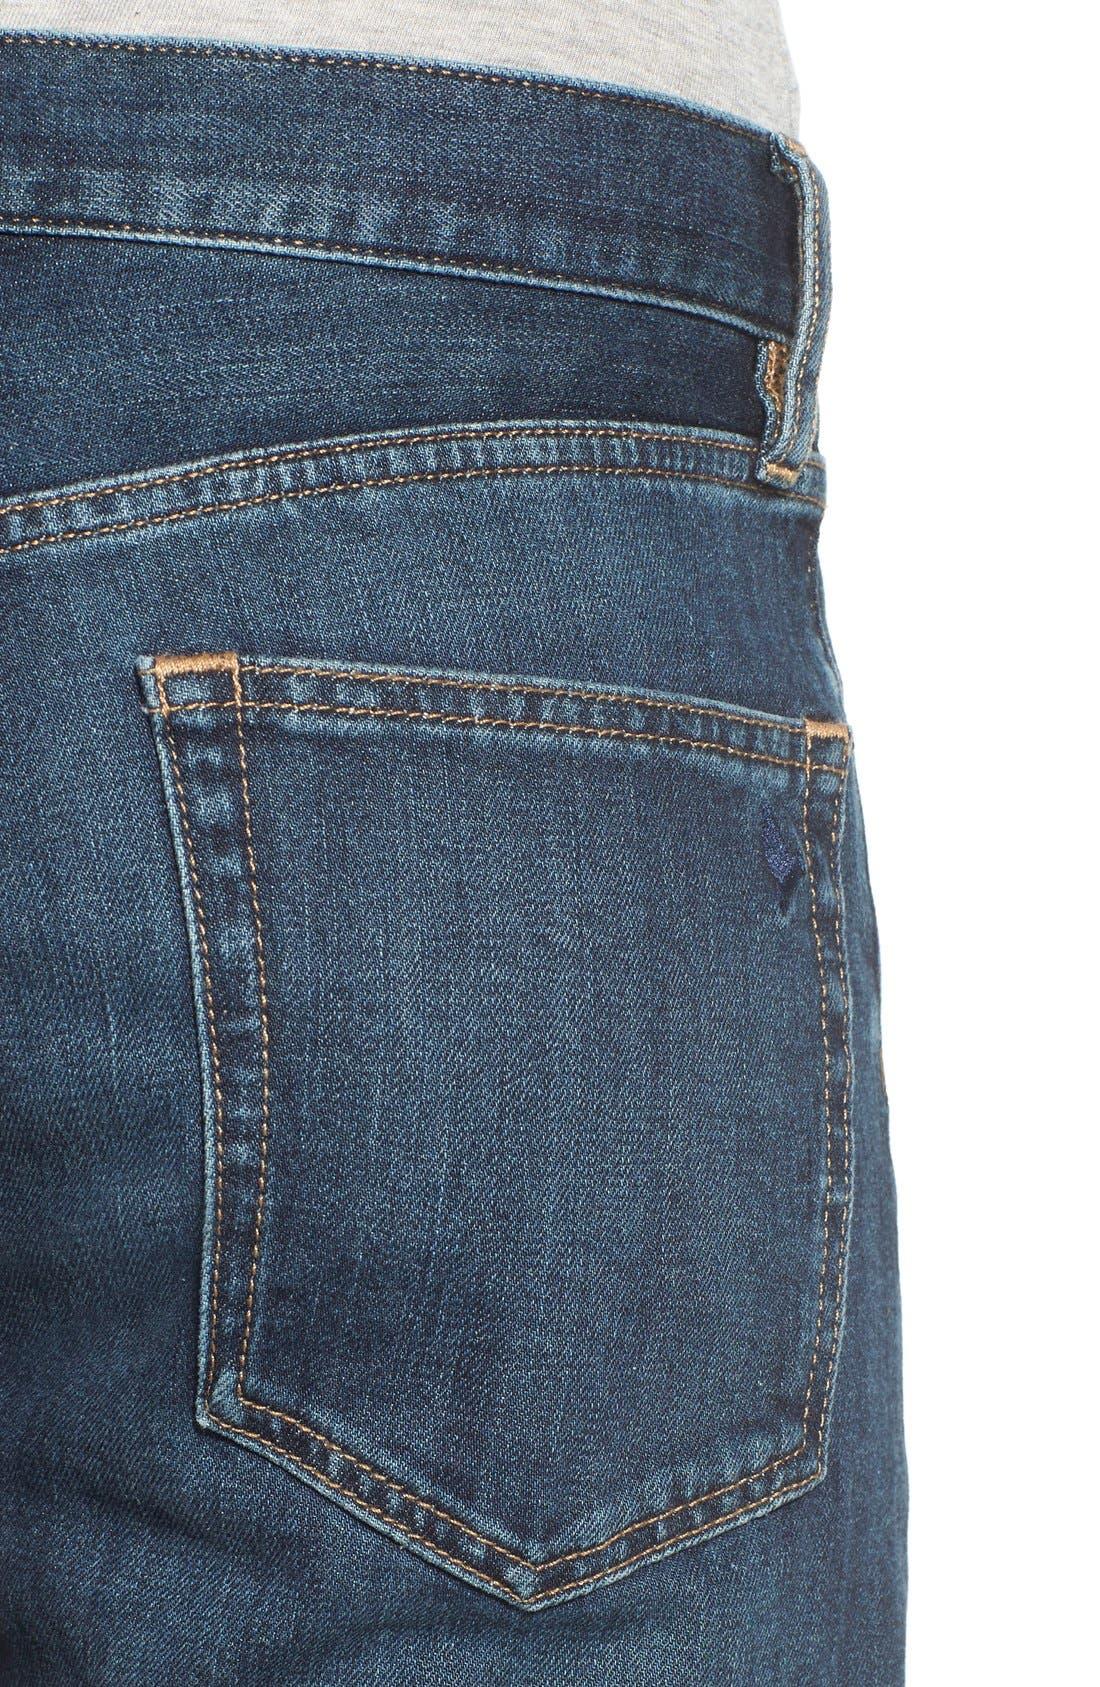 'Phoebe' Boyfriend Jeans,                             Alternate thumbnail 2, color,                             460